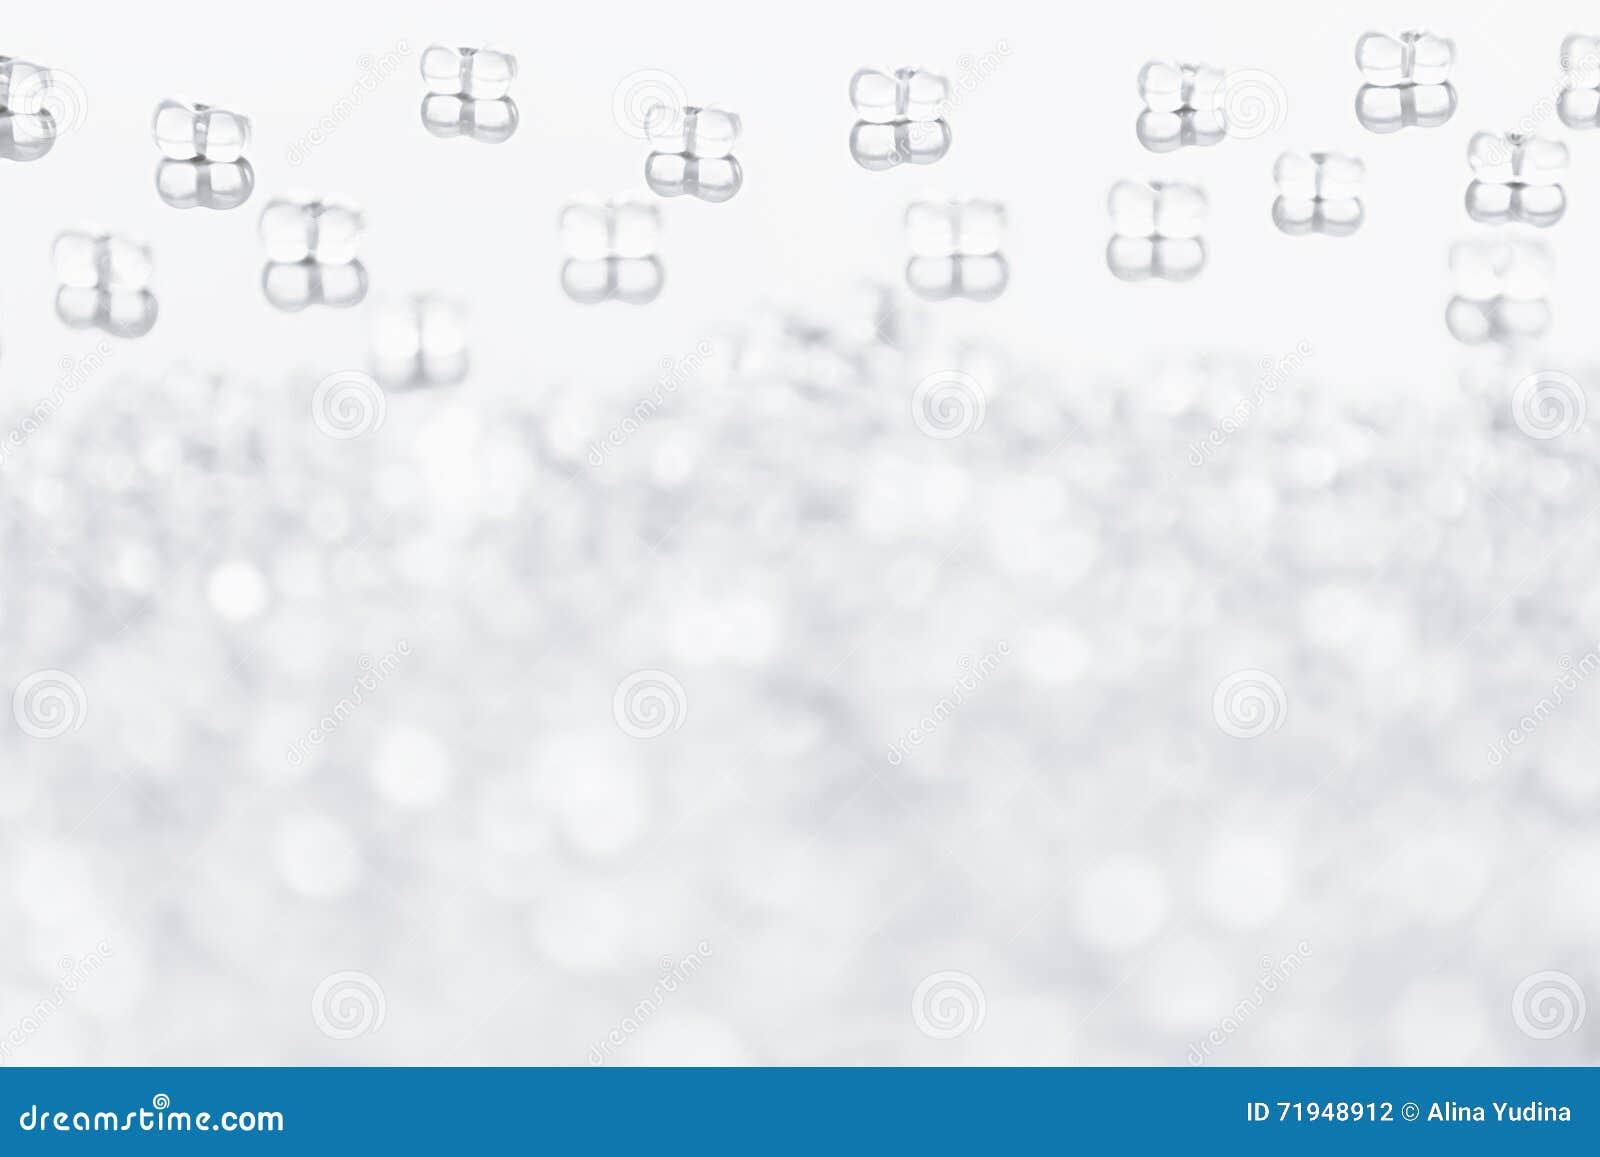 Минималистская абстрактная светлая предпосылка с прозрачными стеклянными частицами